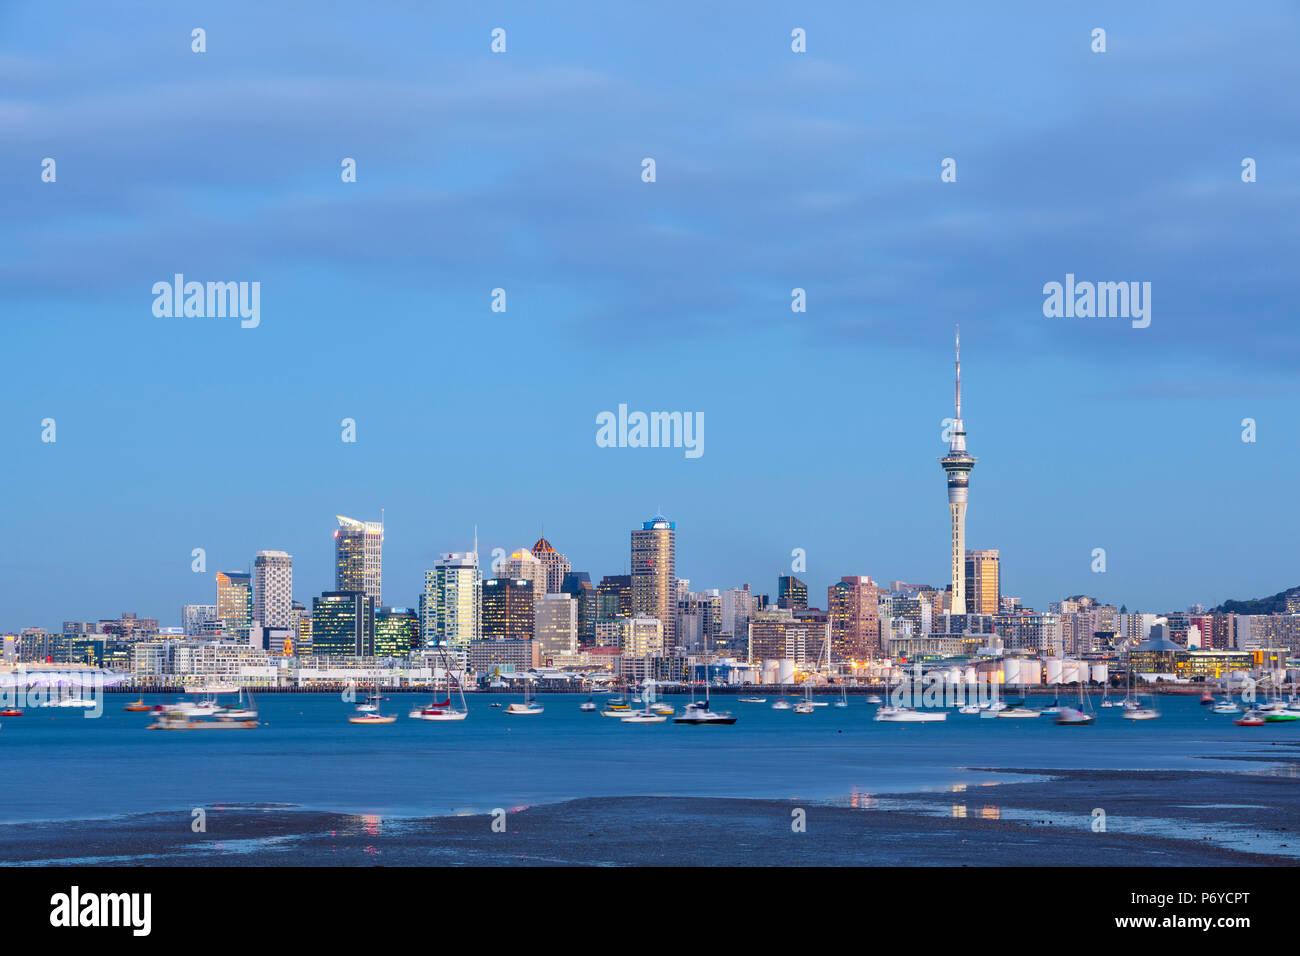 Sur les toits de la ville et le port de Waitemata, Auckland, île du Nord, Northland, Nouvelle-Zélande, Australie Photo Stock